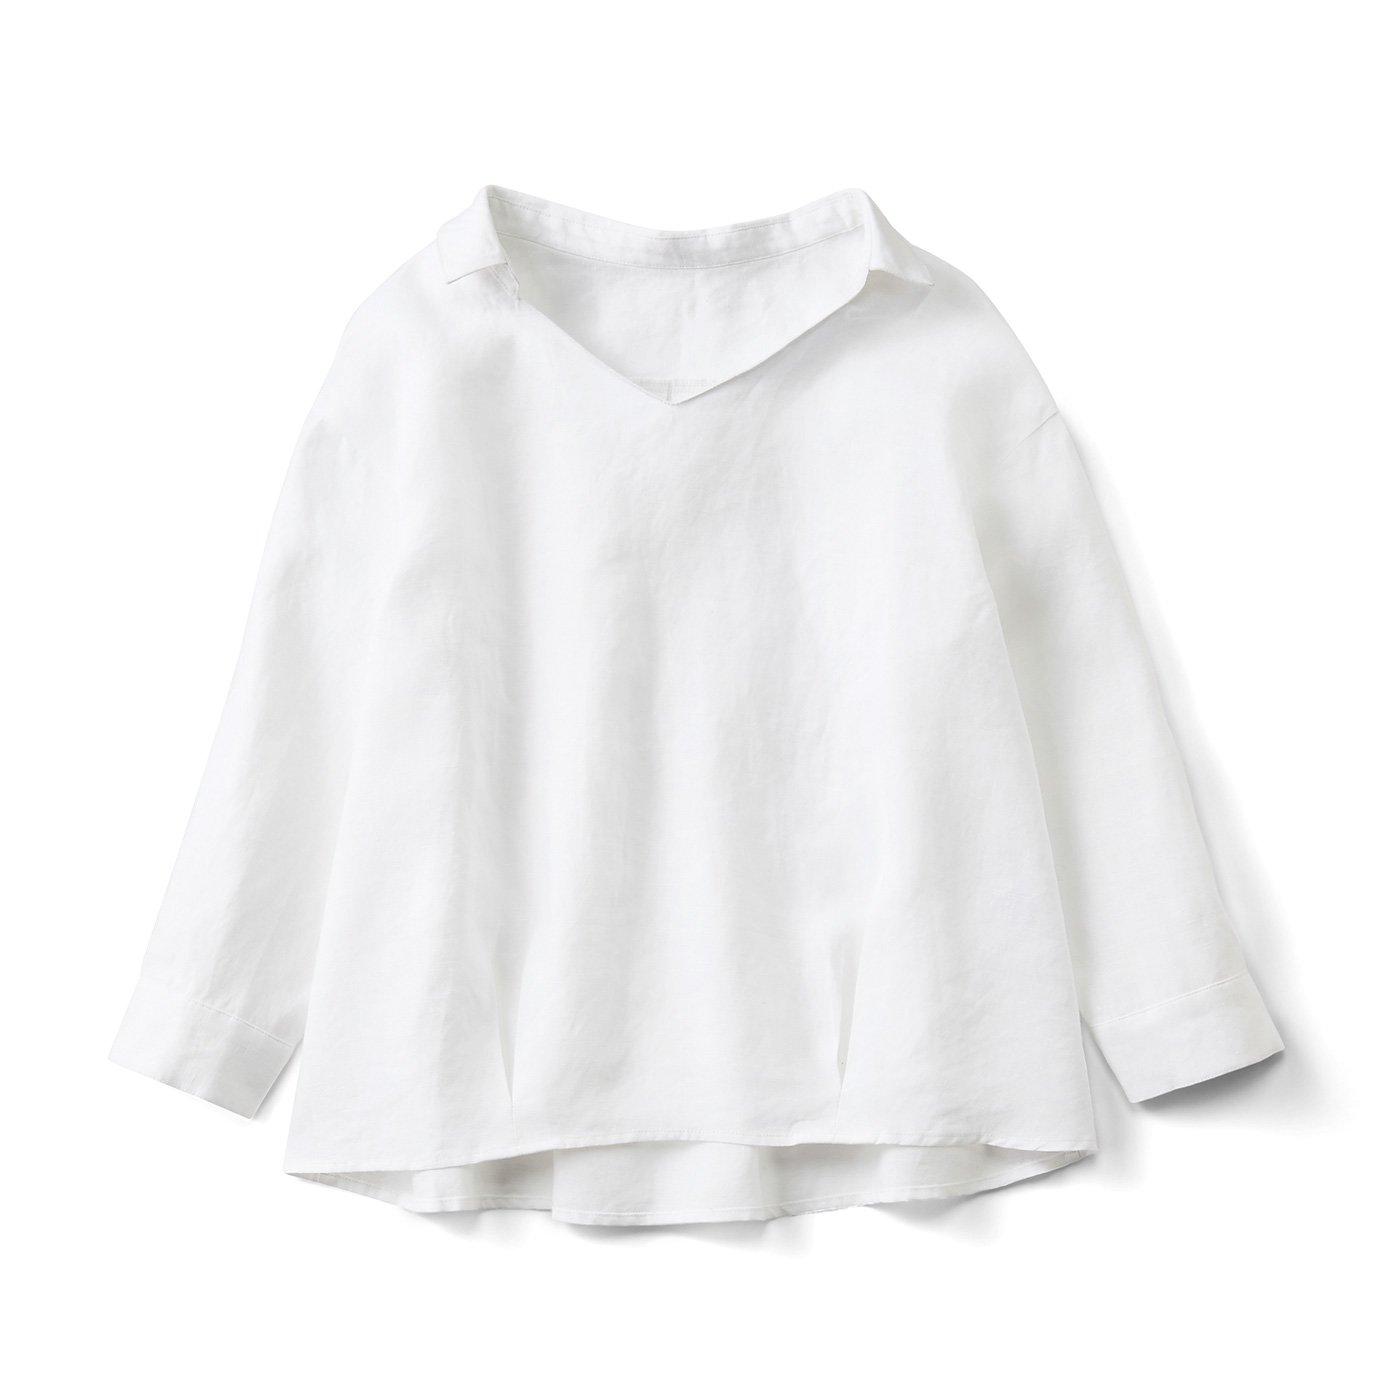 やわらかニュアンスがいい麻混素材のプルオーバーシャツ〈ホワイト〉